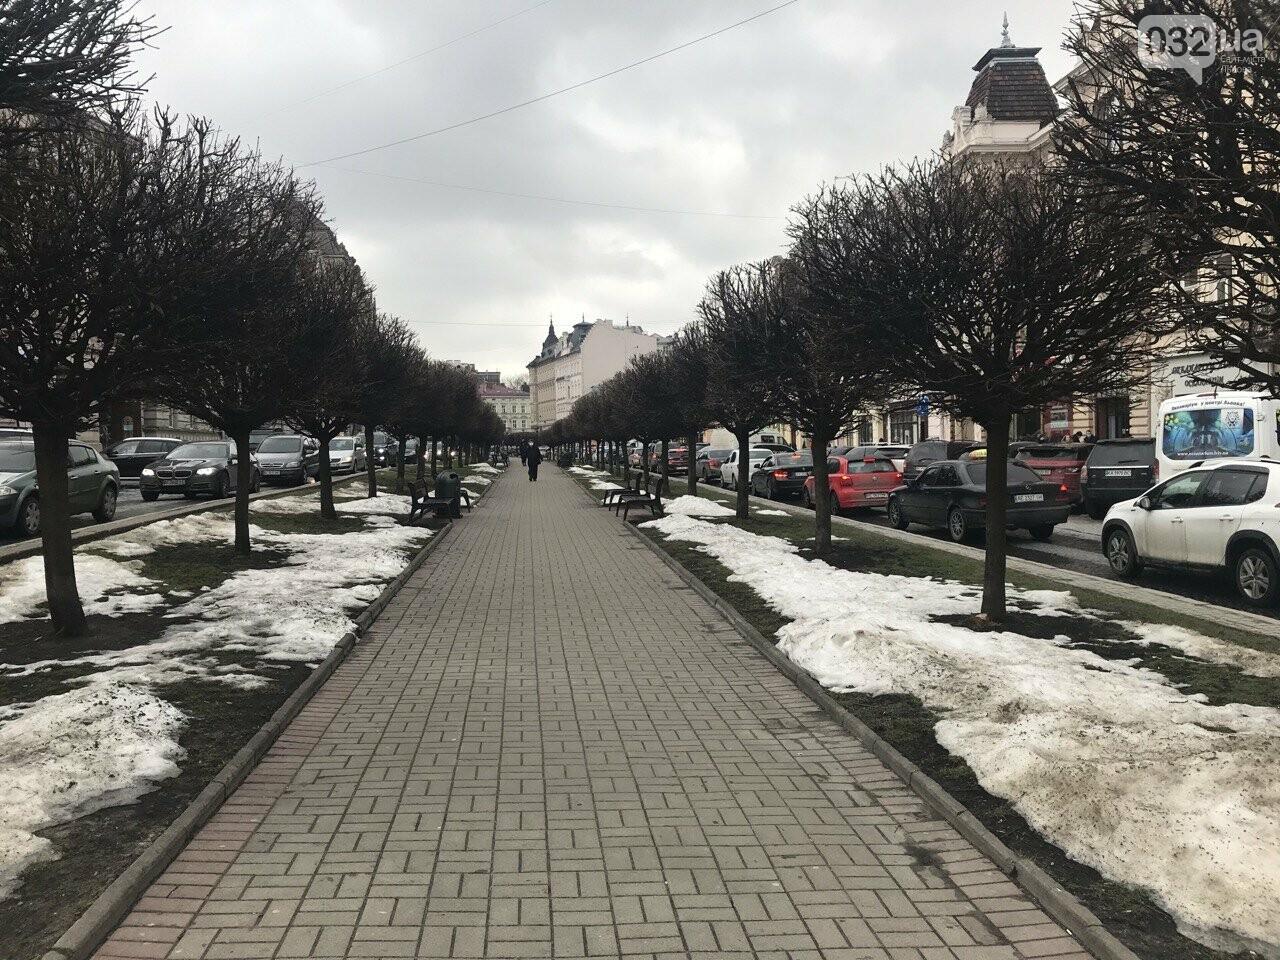 Львів у перший день весни 2021 року, Фото: 032.ua